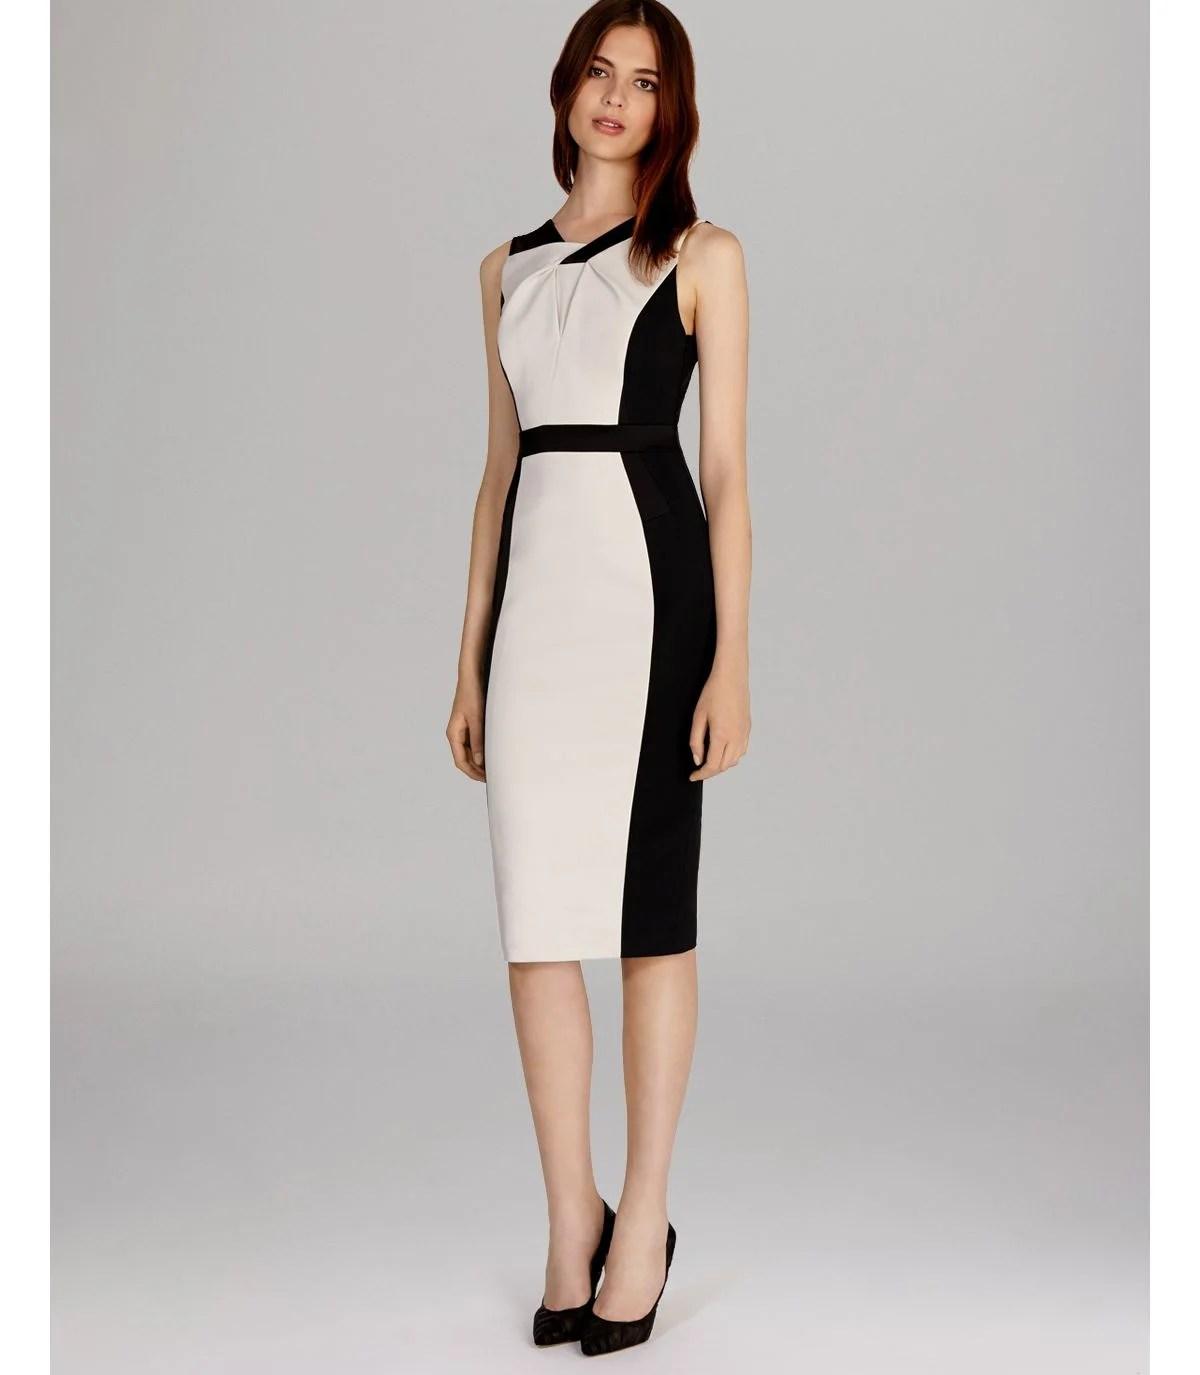 Lyst  Karen Millen Dress Graphic Color Block in White